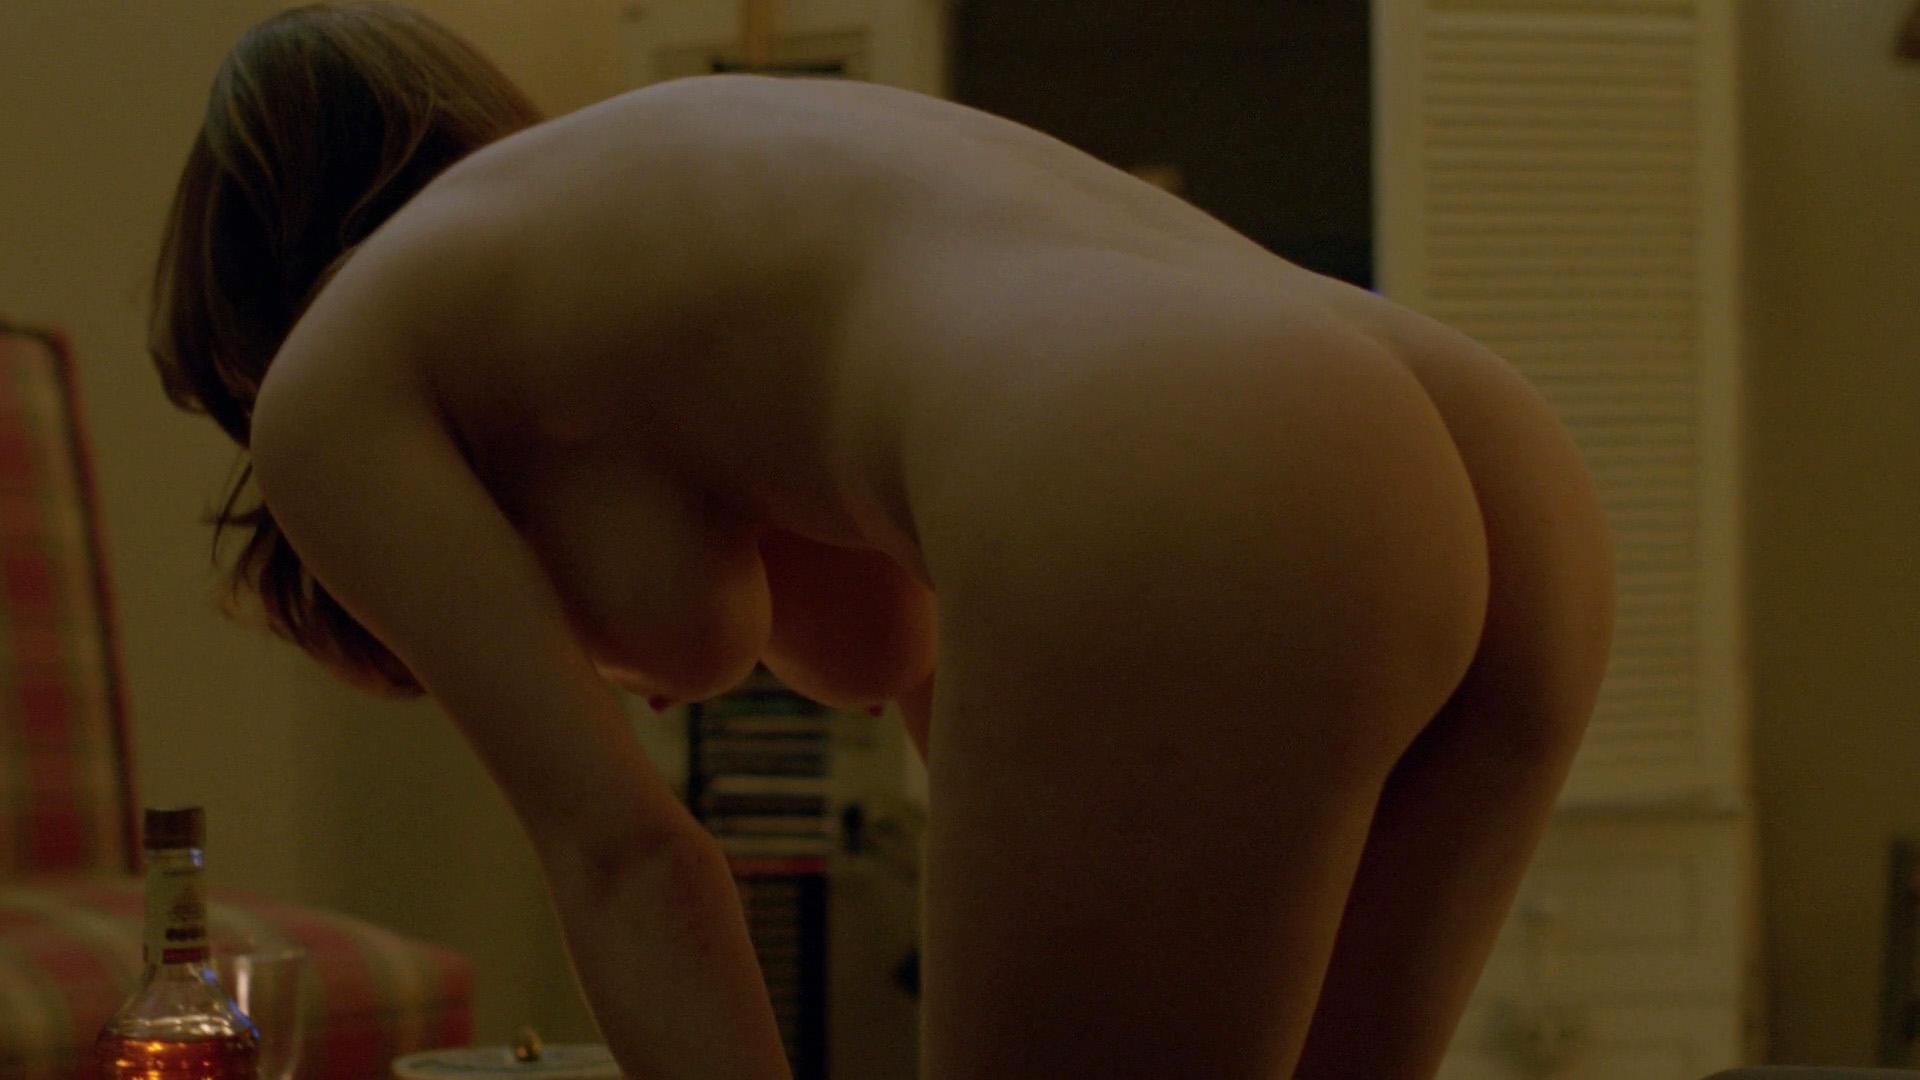 Nude asian av models sex